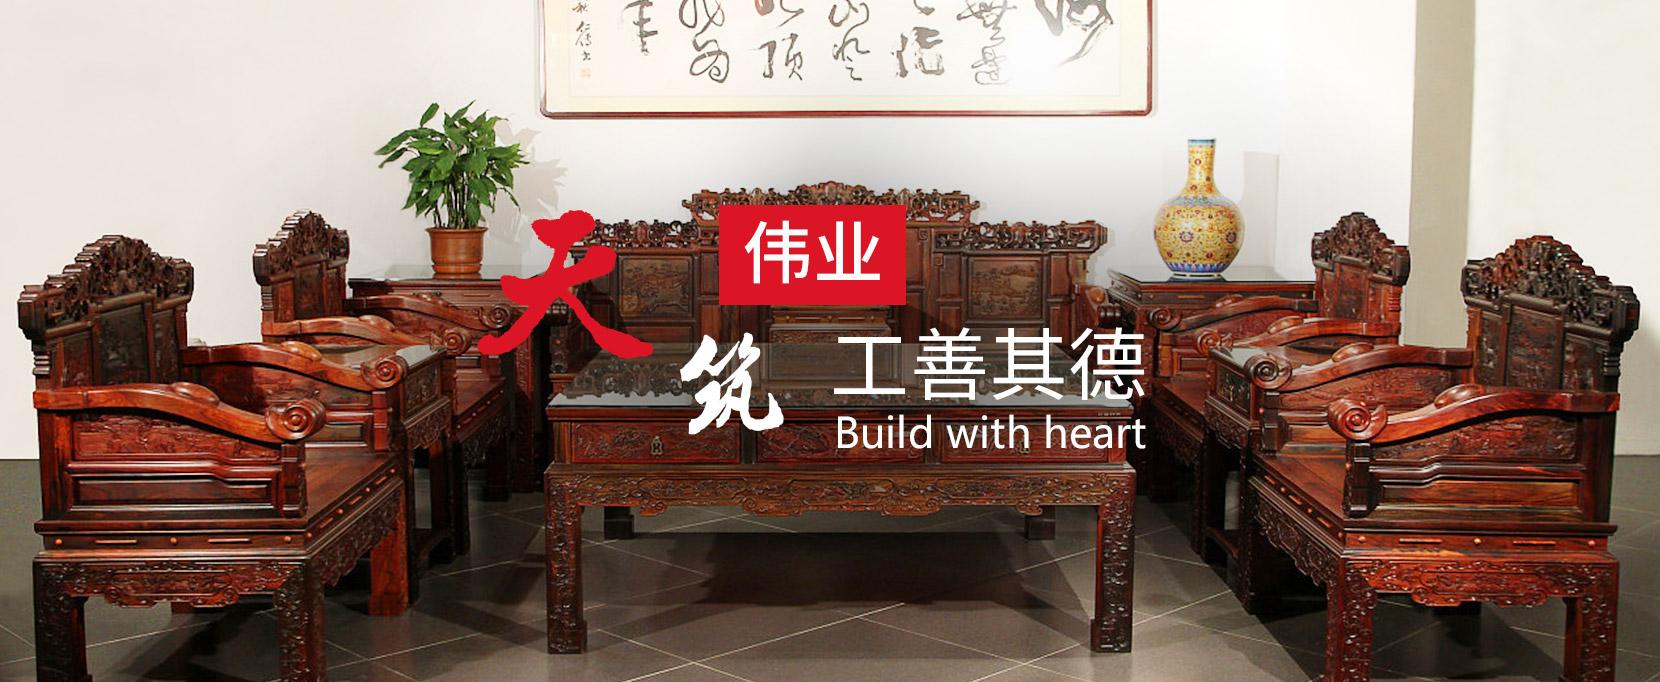 上海曾珍实业有限公司